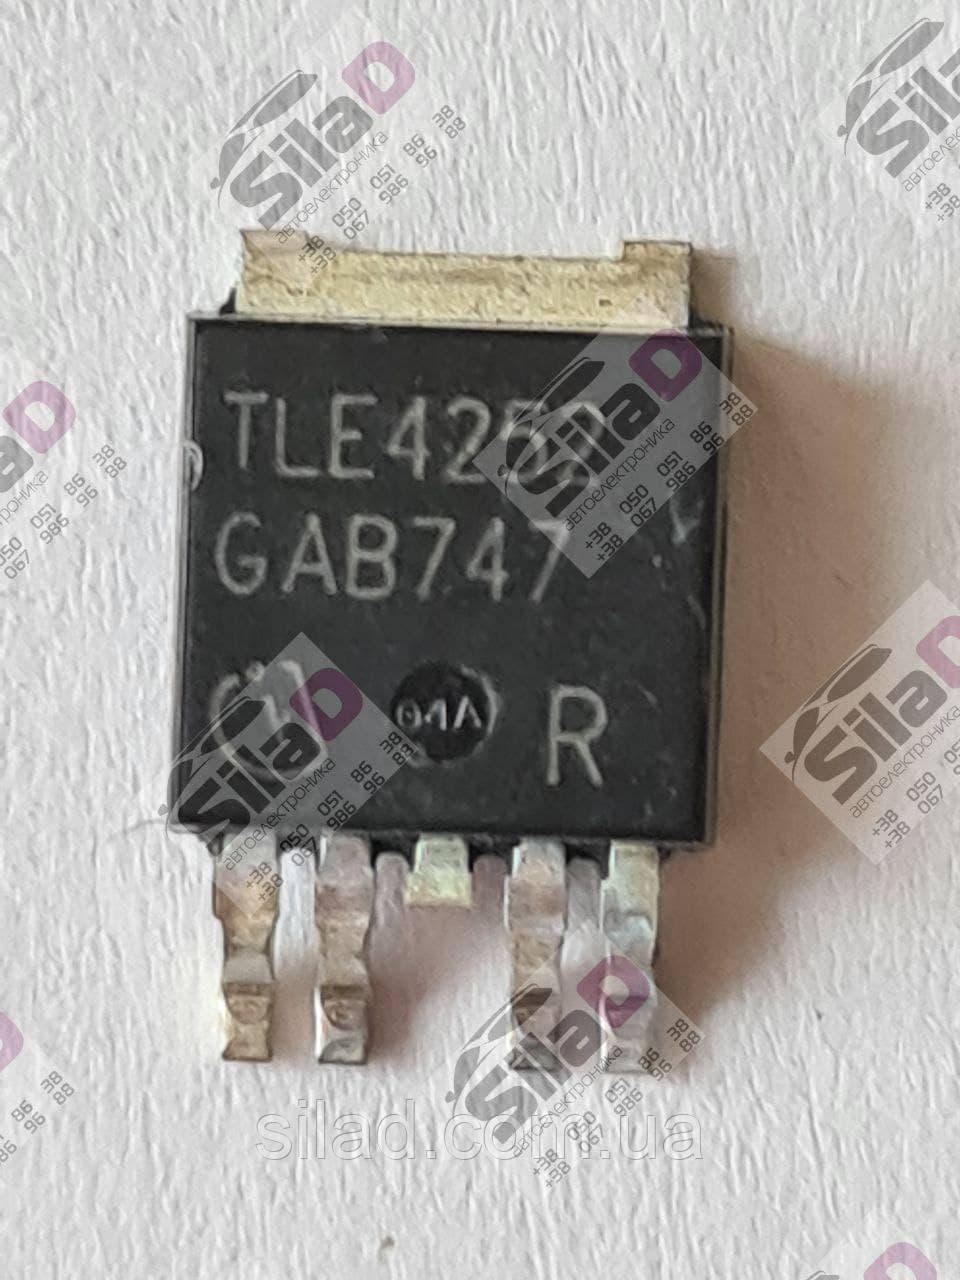 Стабилизатор TLE4252G Infineon корпус TO-263-5